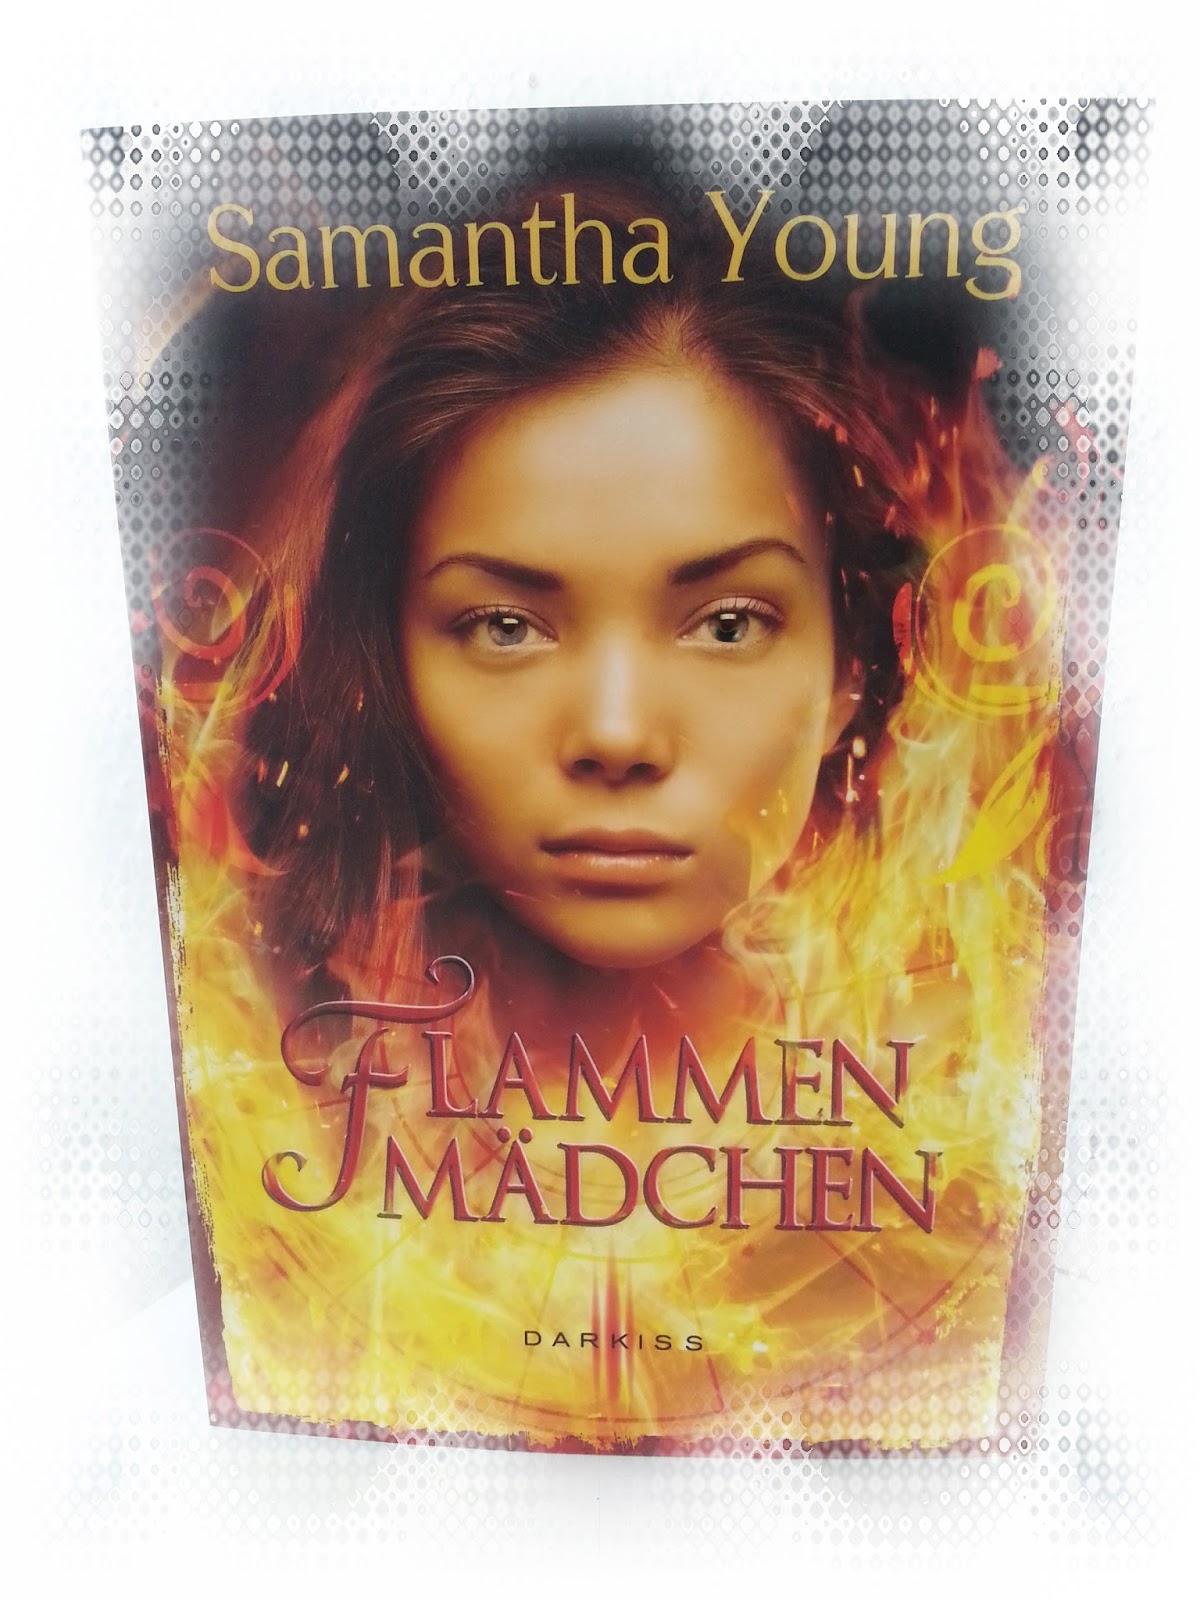 http://www.amazon.de/Flammenm%C3%A4dchen-Samantha-Young/dp/395649007X/ref=sr_1_1?s=books&ie=UTF8&qid=1399920353&sr=1-1&keywords=flammenm%C3%A4dchen